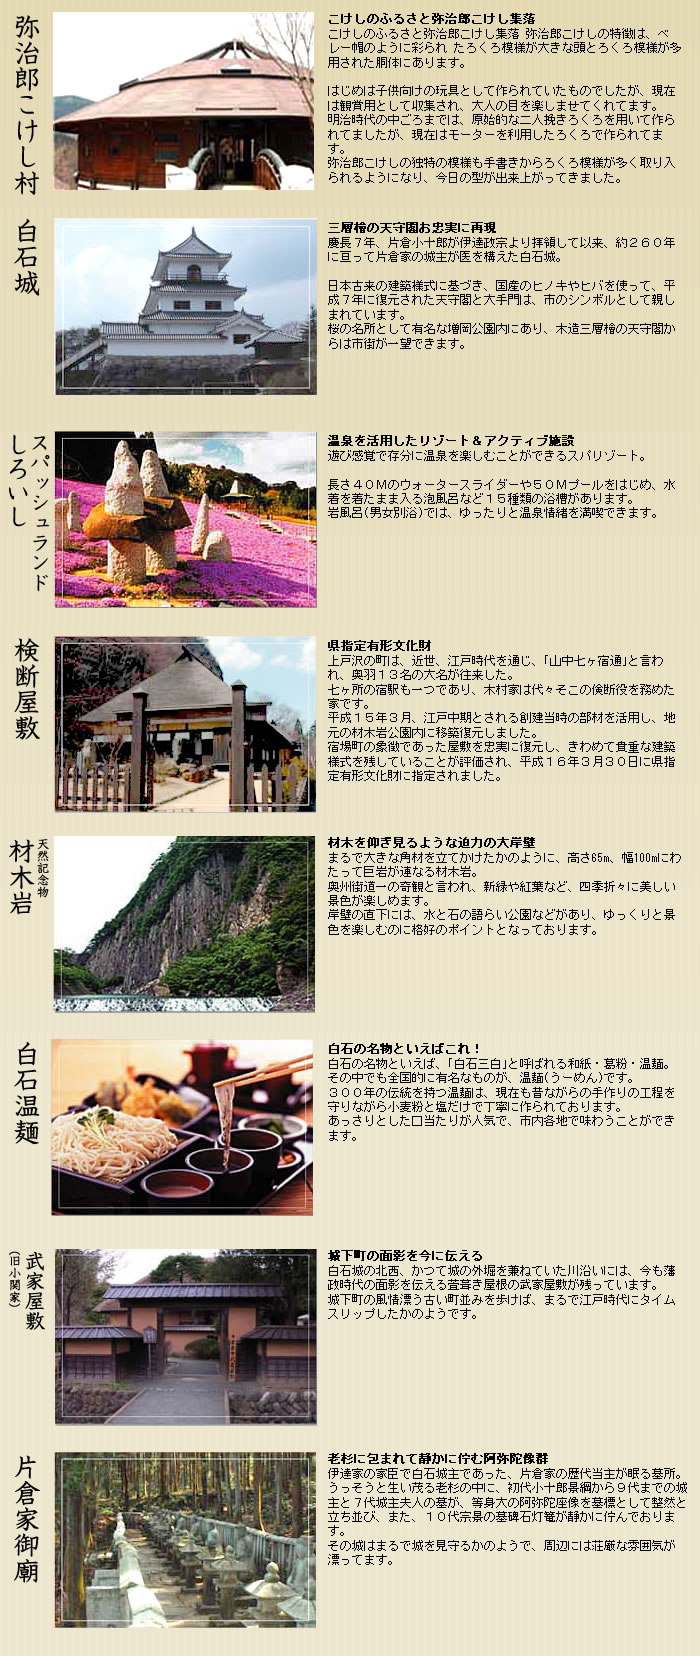 弥次郎こけし村、白石城、スパニッシュランドしろいし、検断屋敷、材木岩、白石温麺、武家屋敷、片倉家御